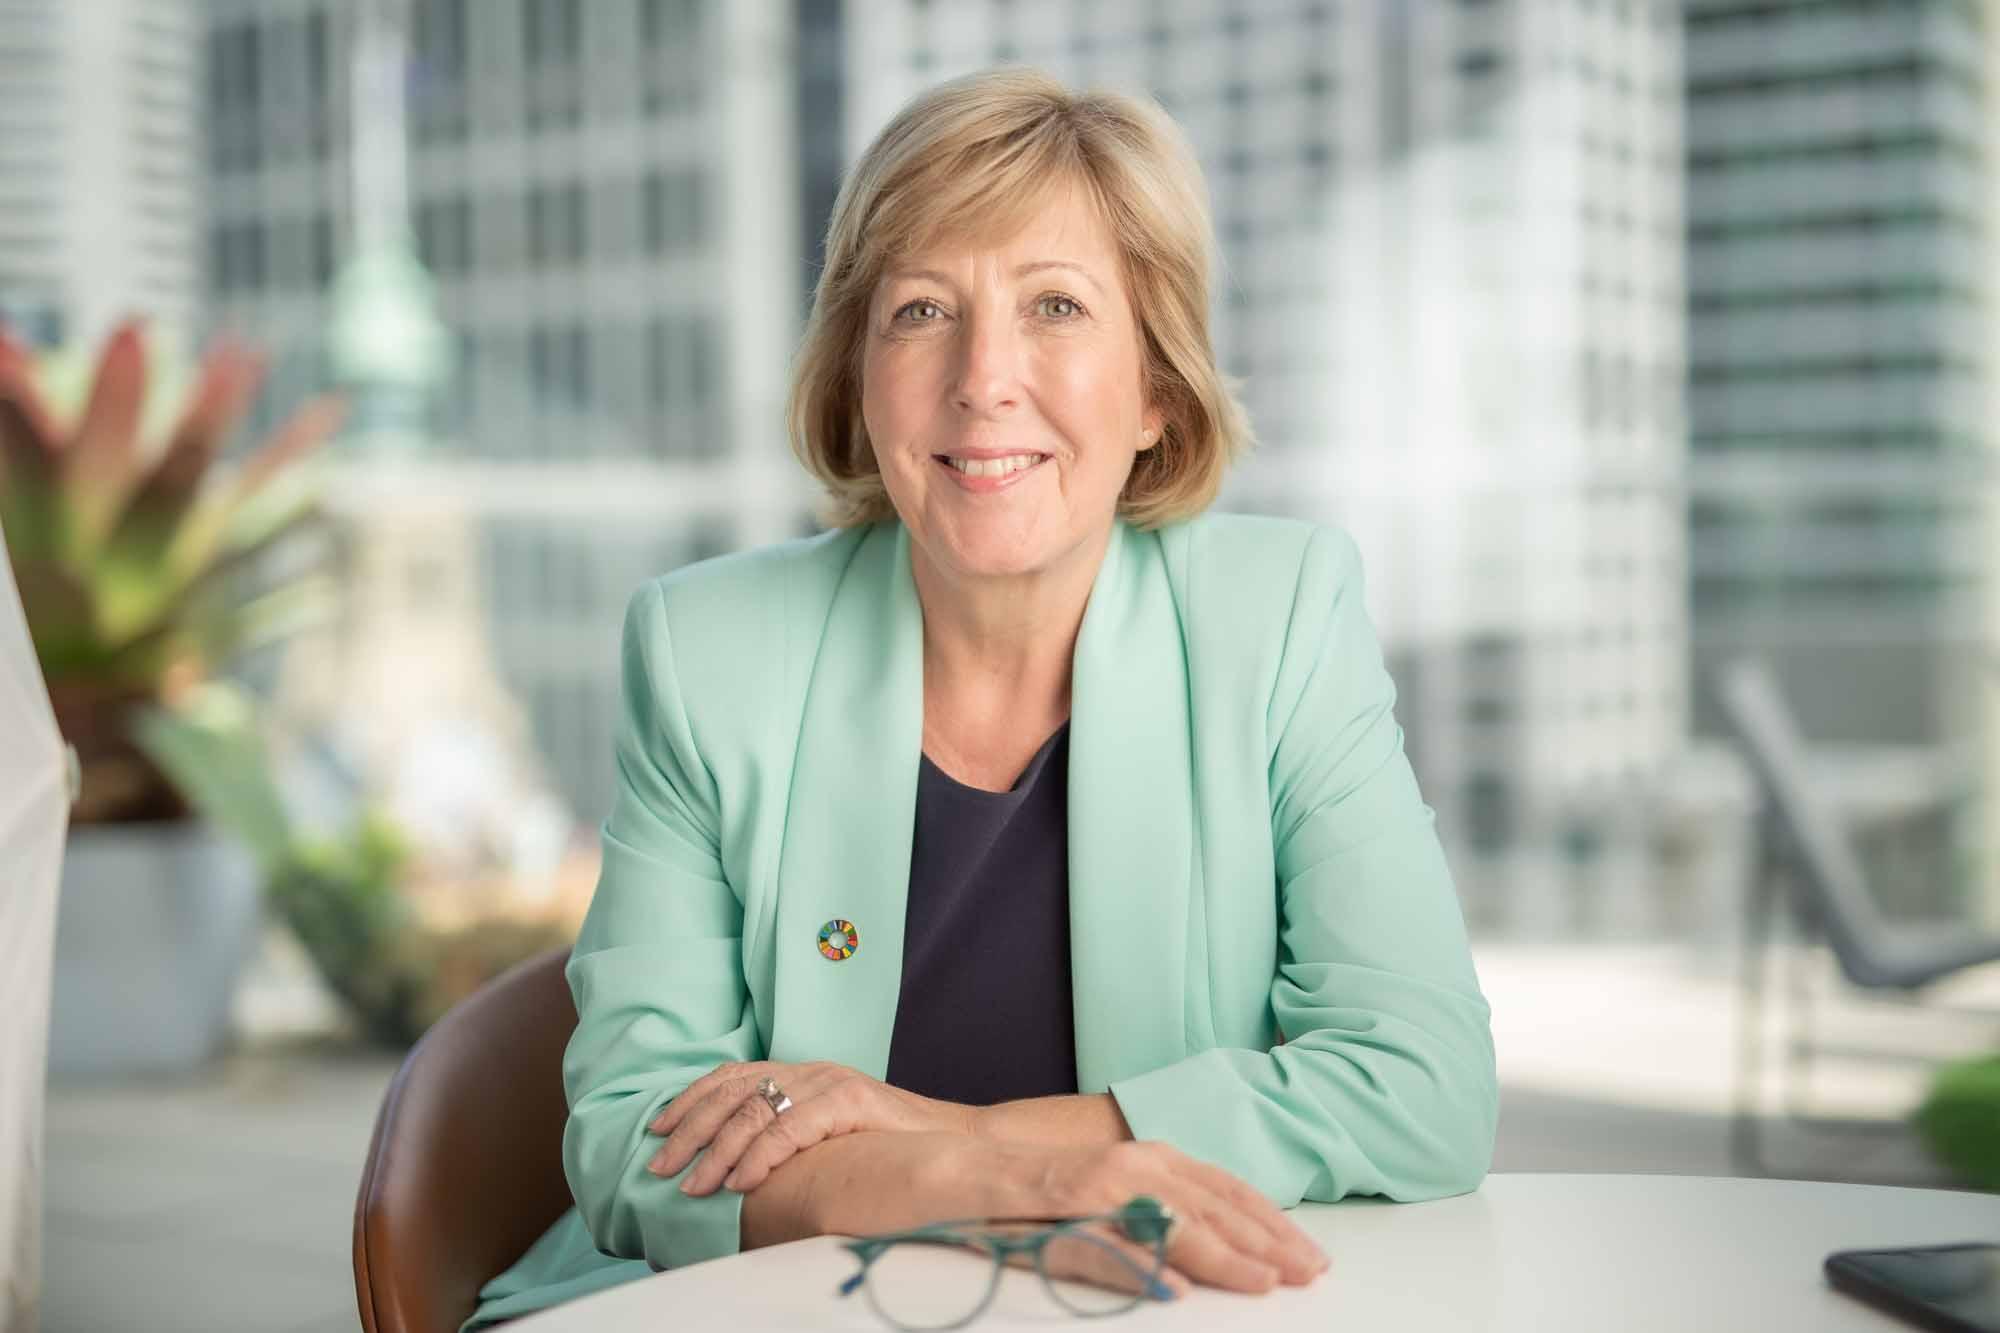 PRI CEO Fiona Reynolds to step down